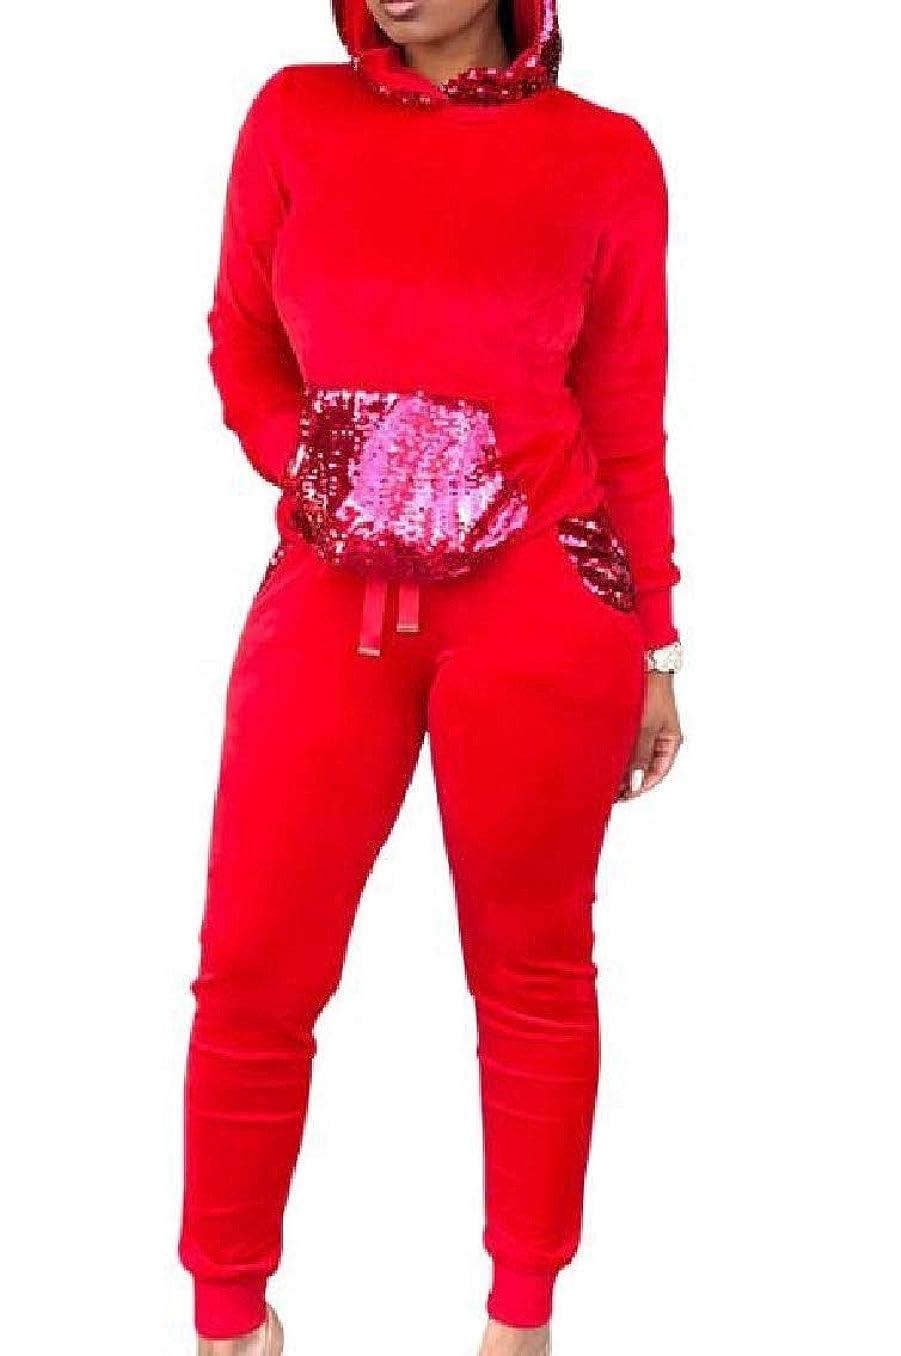 ワイプアシュリータファーマン忌避剤GodeyesW 女性のカジュアルきらめくロングスリーブフードトラックスーツトップスポーツバギーパンツアウト